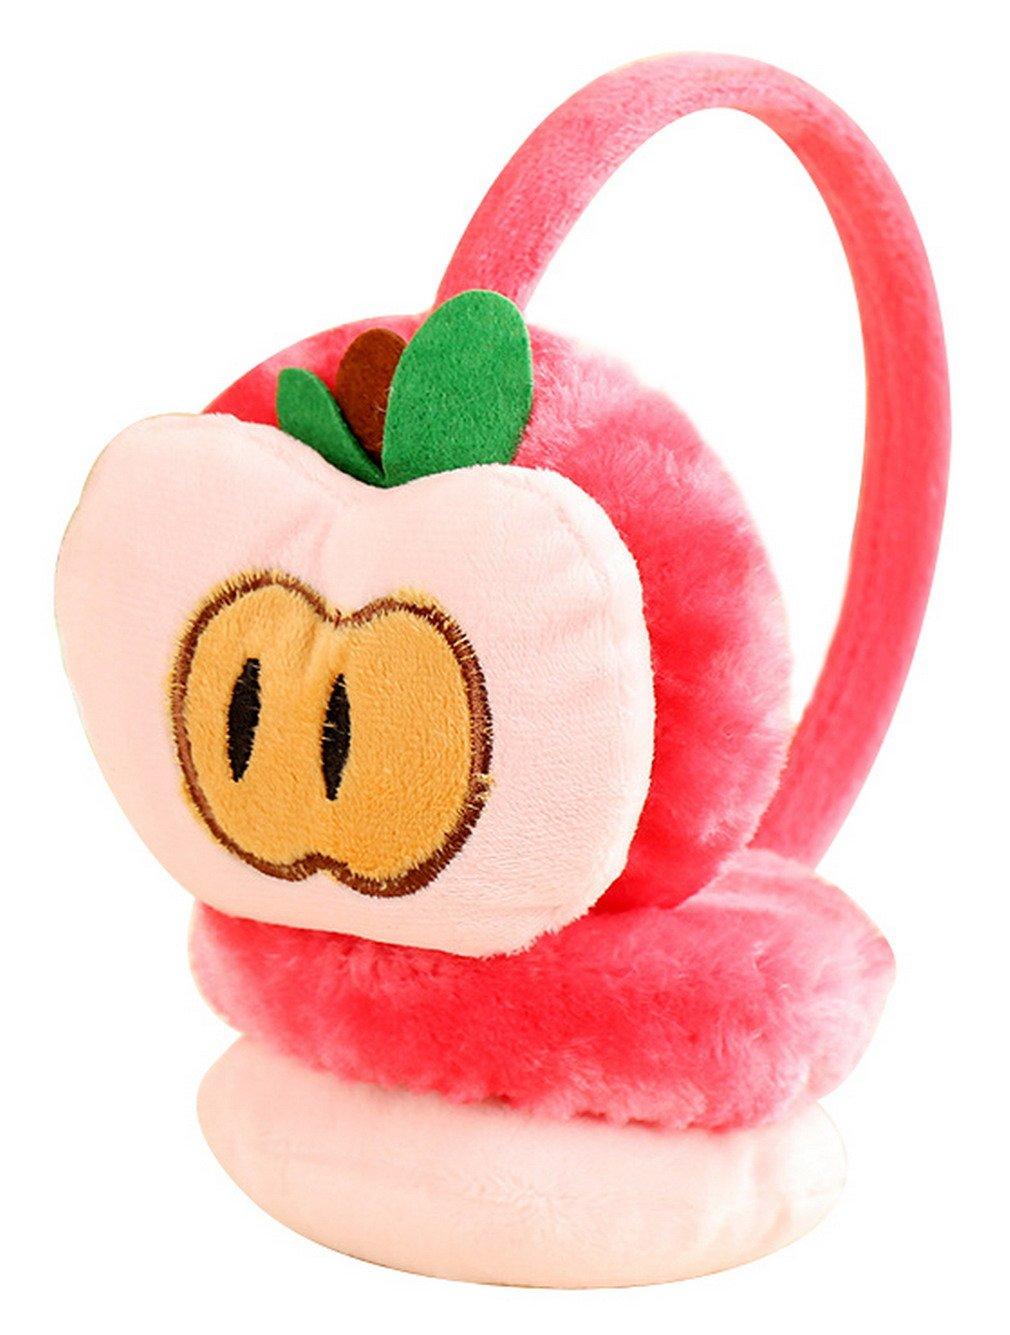 Lukis Cartoon Fruit Plush Ear Warmers Winter Earmuffs